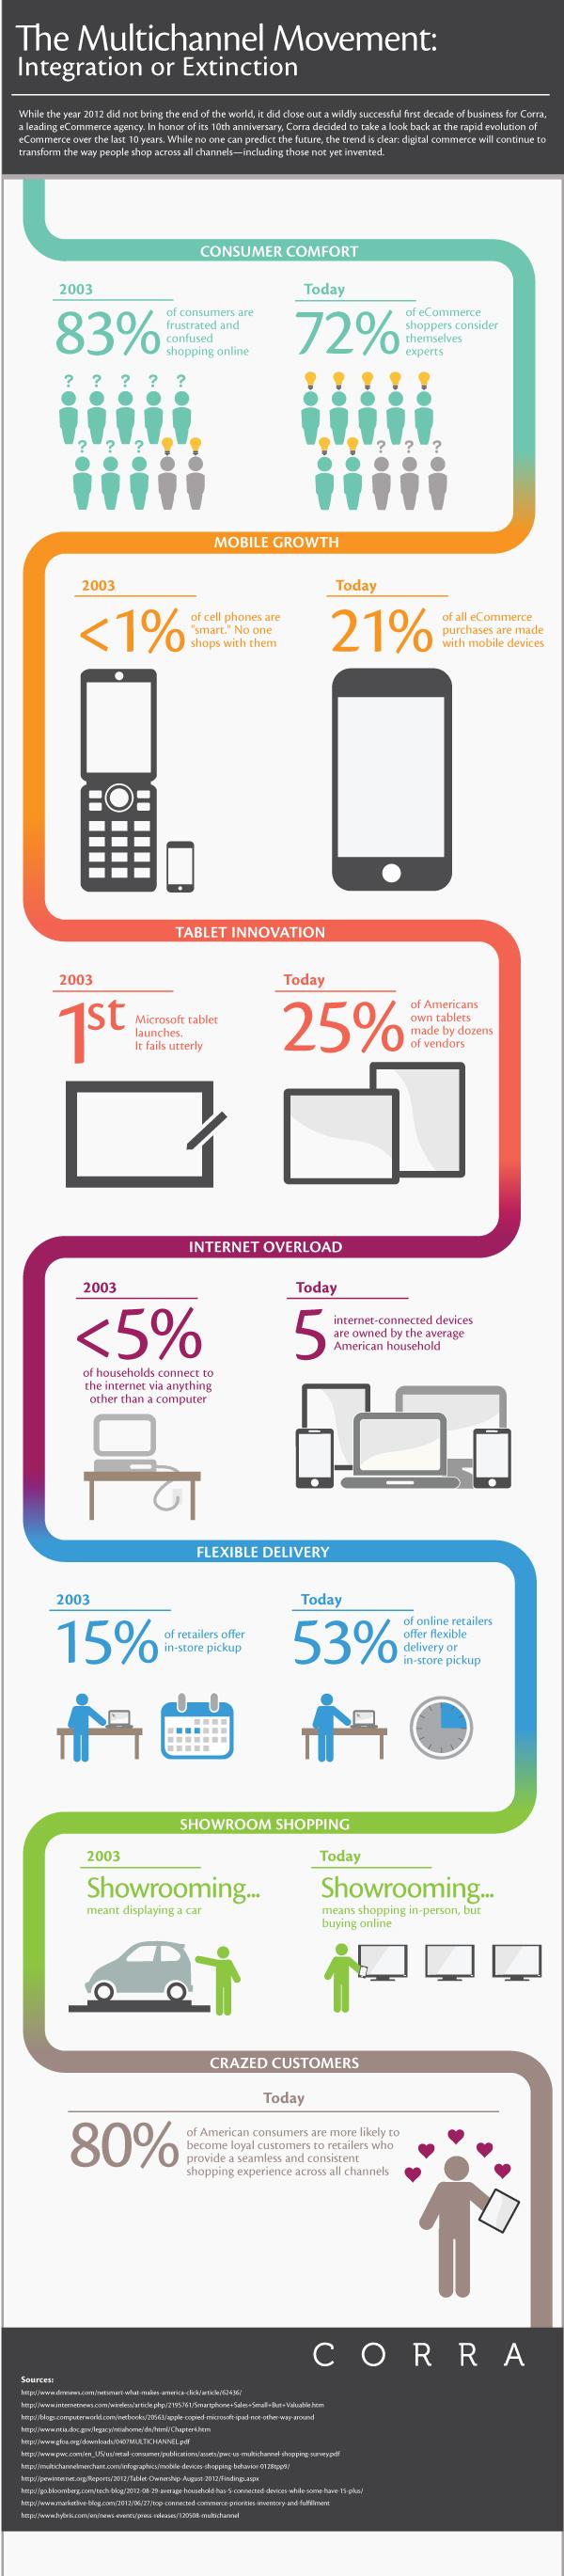 Corra 2003 2013 infographic